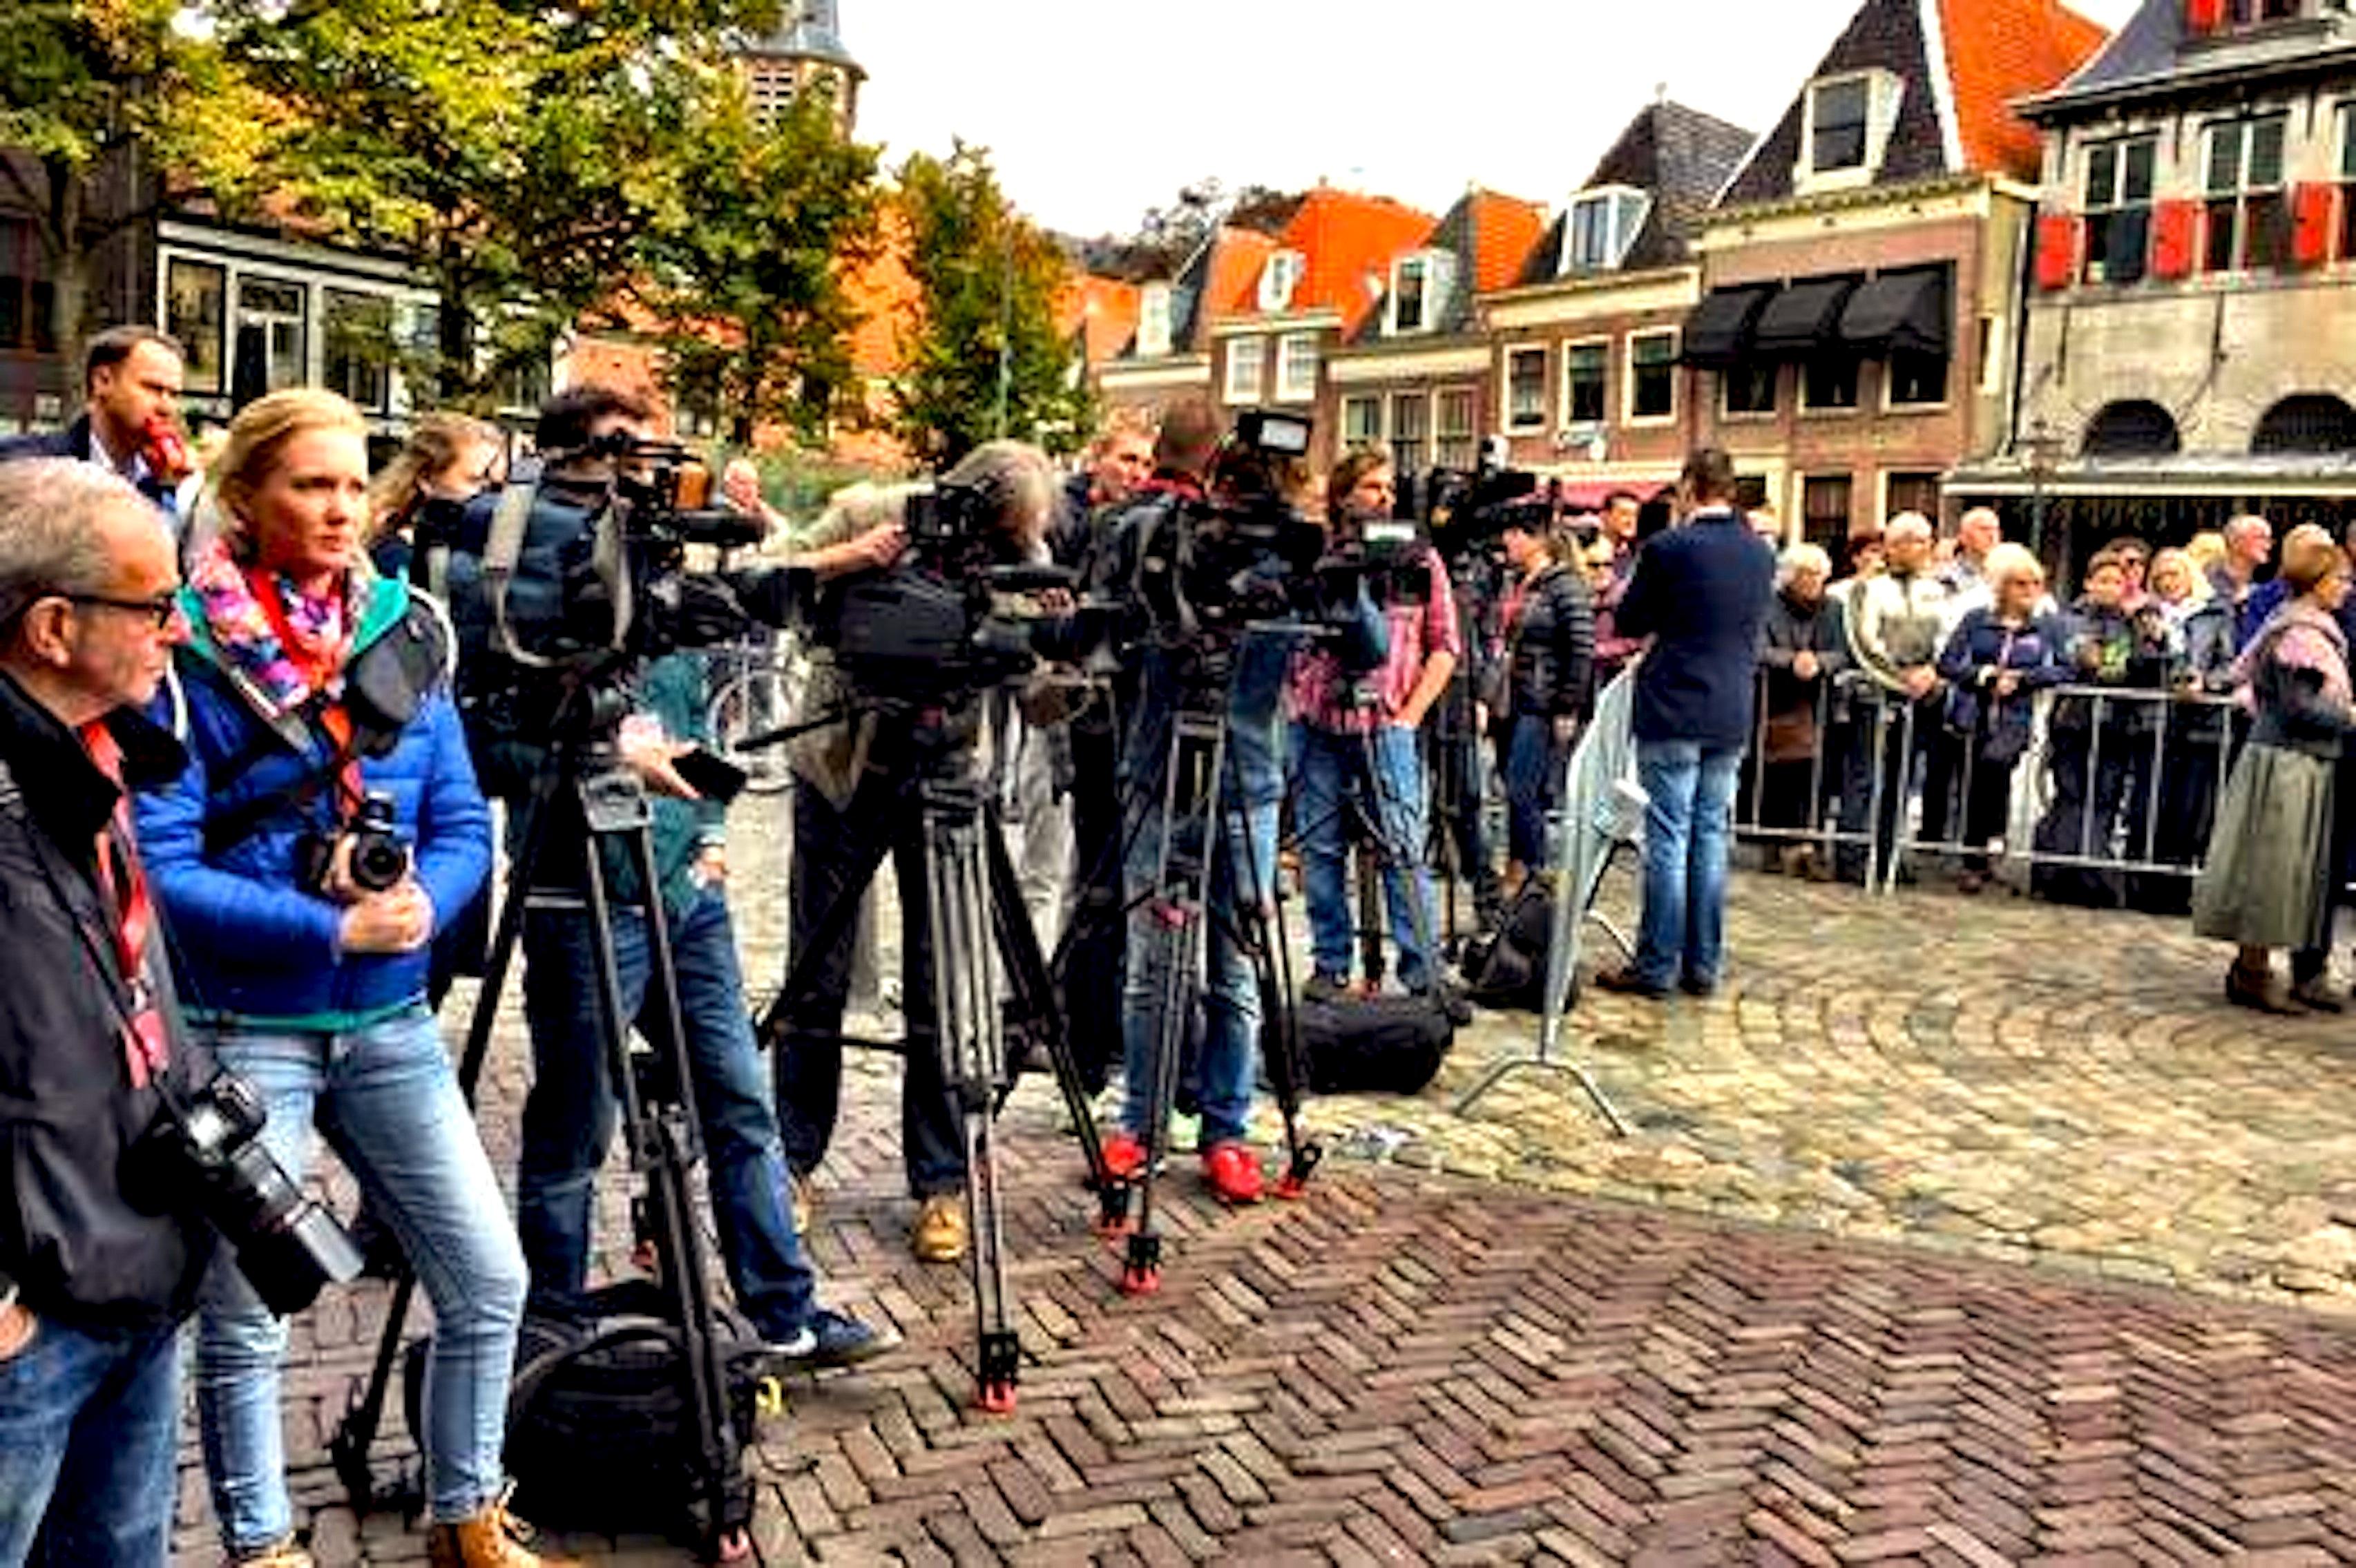 Pers en publiek bij terugkomst schilderijen Hoorn (foto Eric Molenaar/HMC)